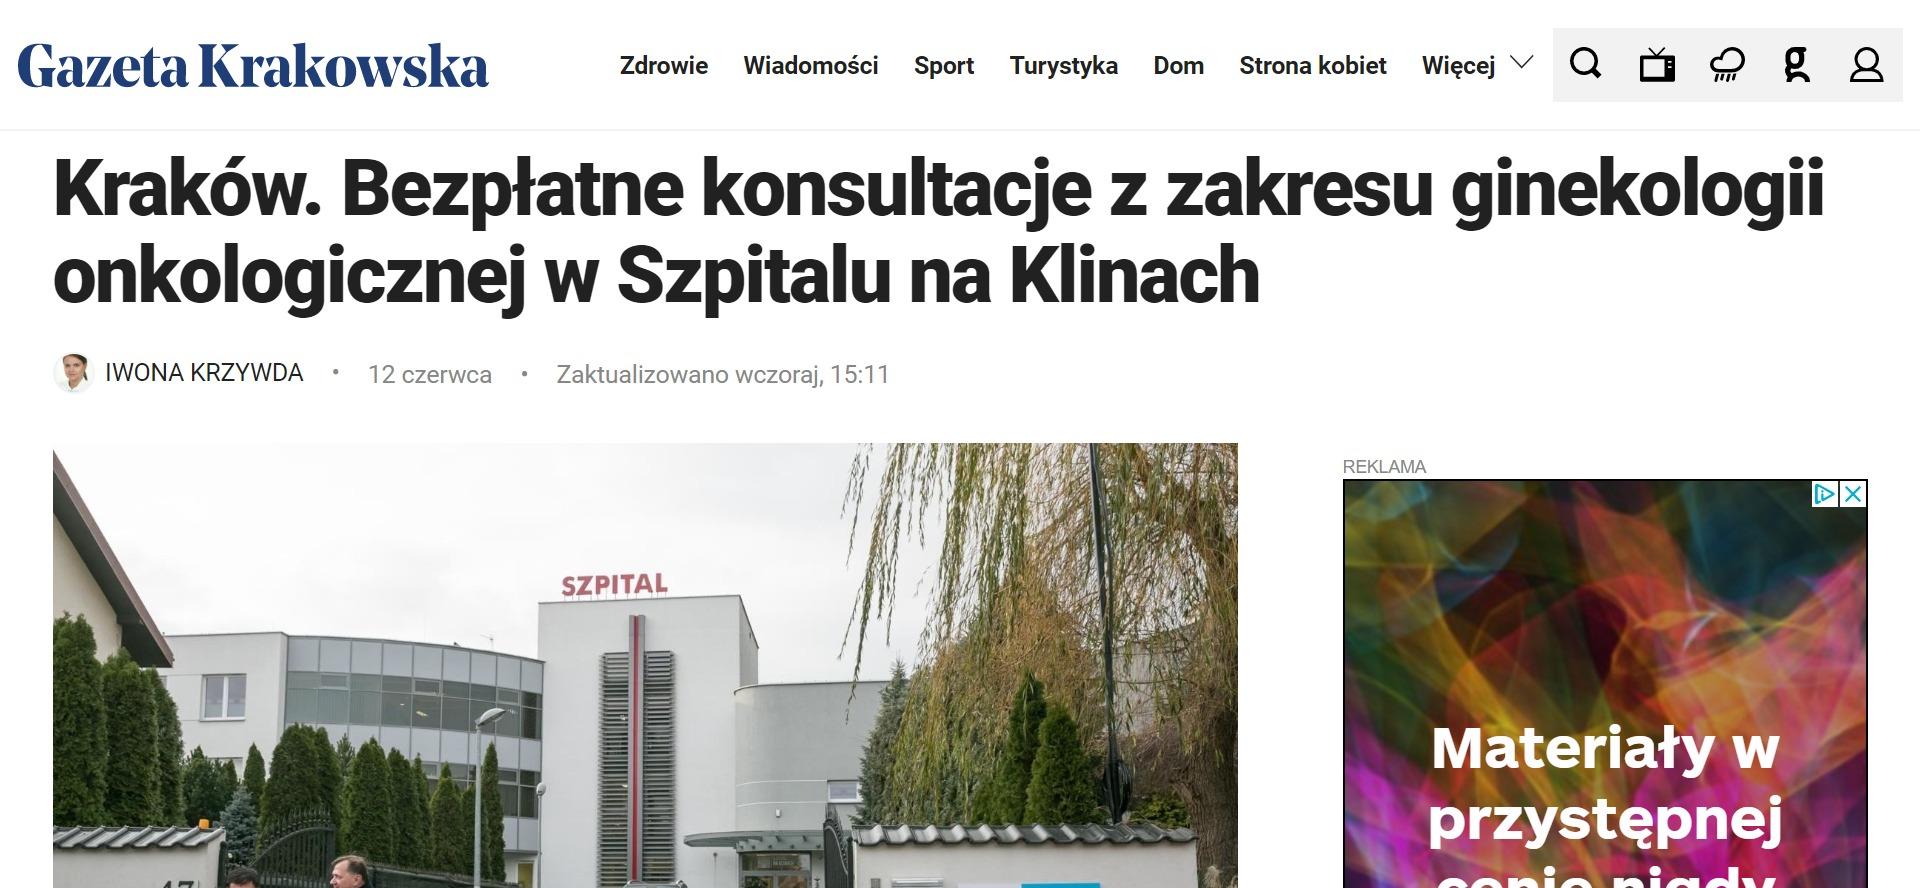 Kraków. Bezpłatne konsultacje z zakresu ginekologii onkologicznej w Szpitalu na Klinach